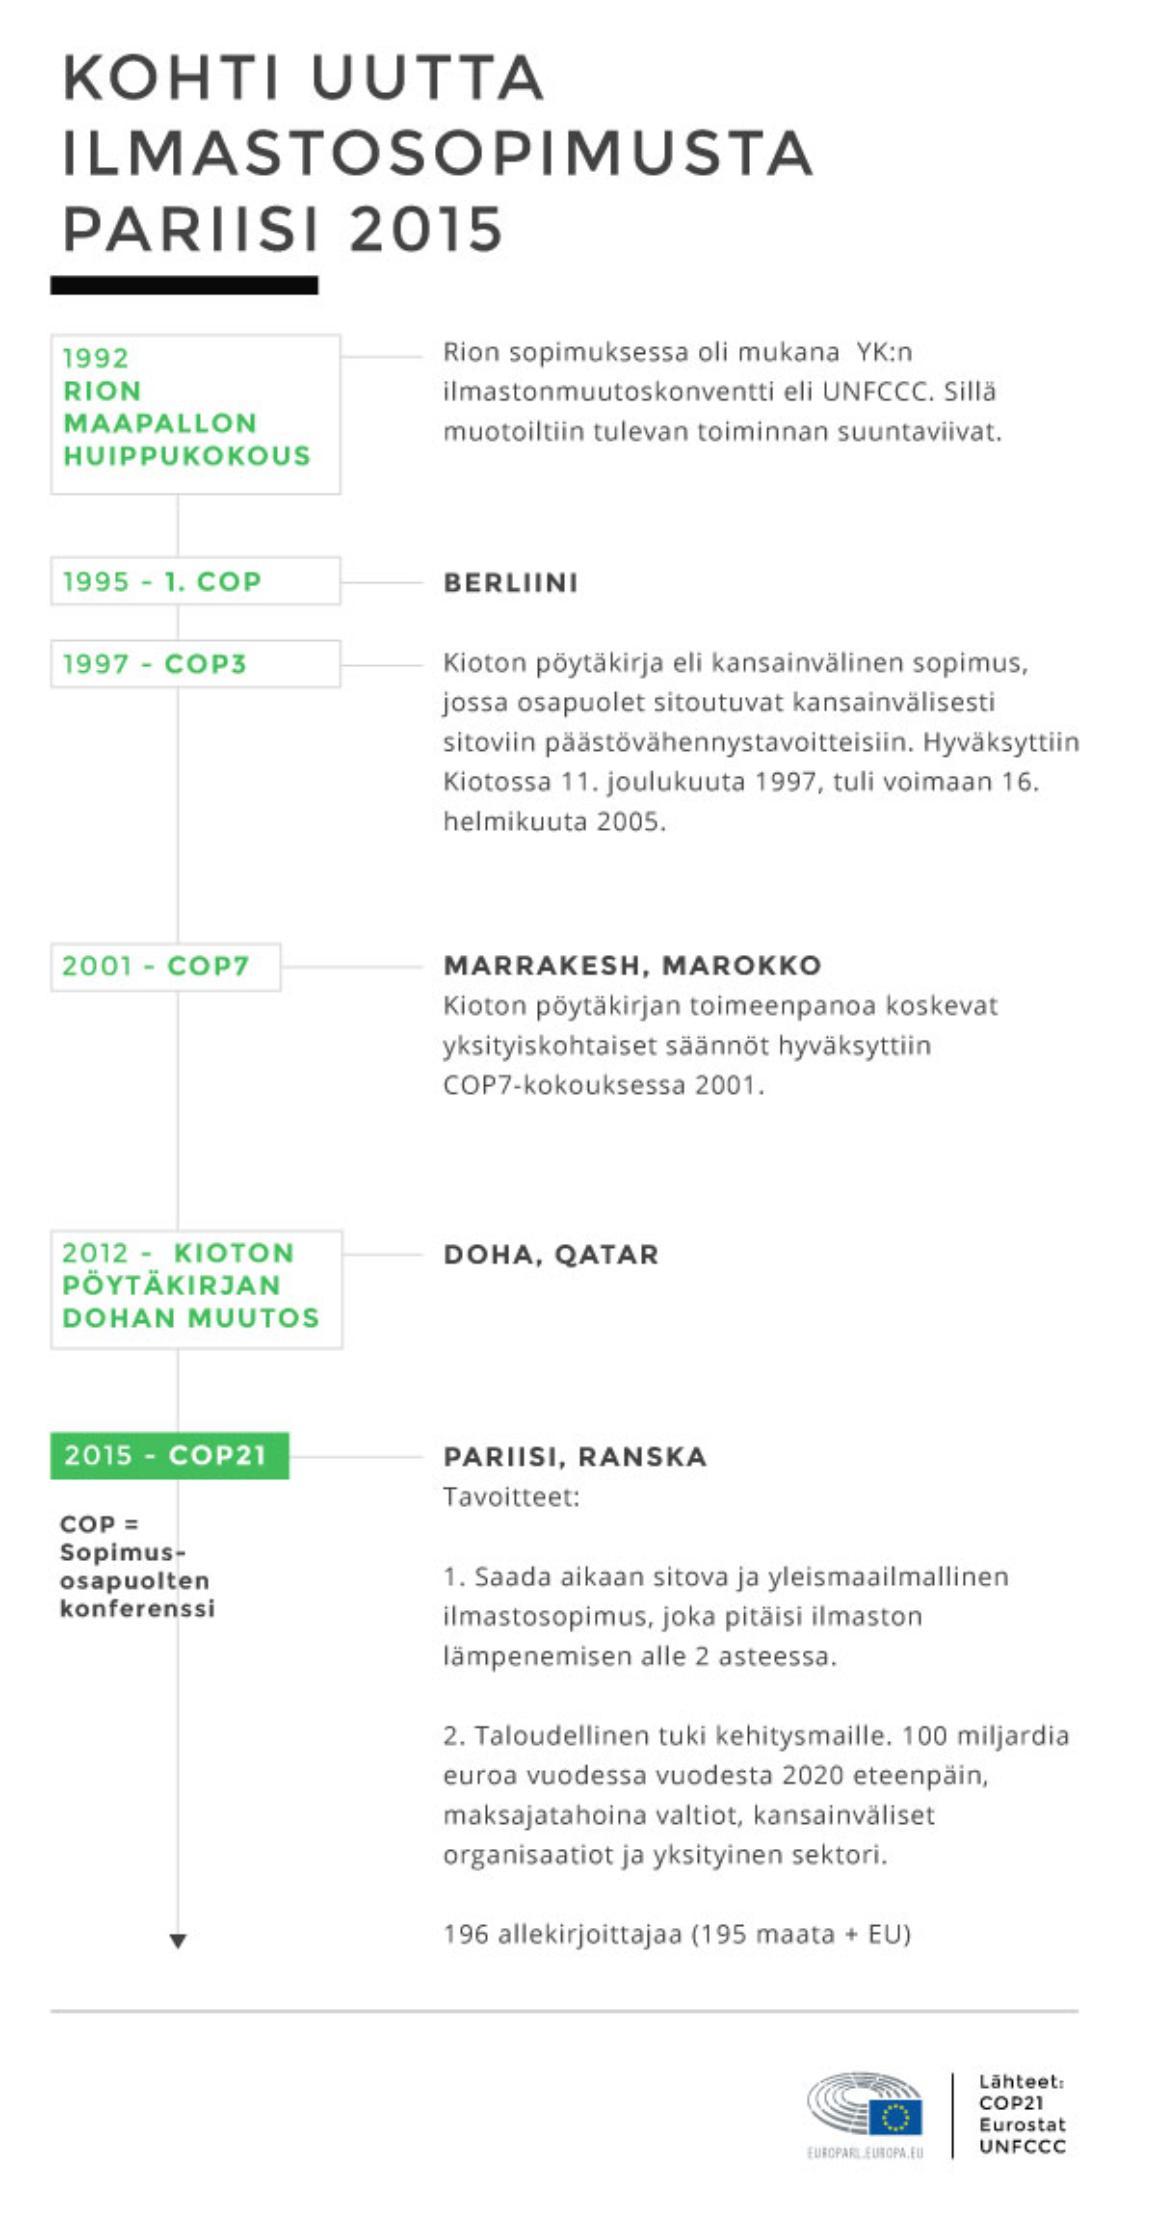 Kohti uutta ilmastosopimusta (infografiikka). Ilmastosopimuksen tärkeitä päivämääriä aikajanalla.